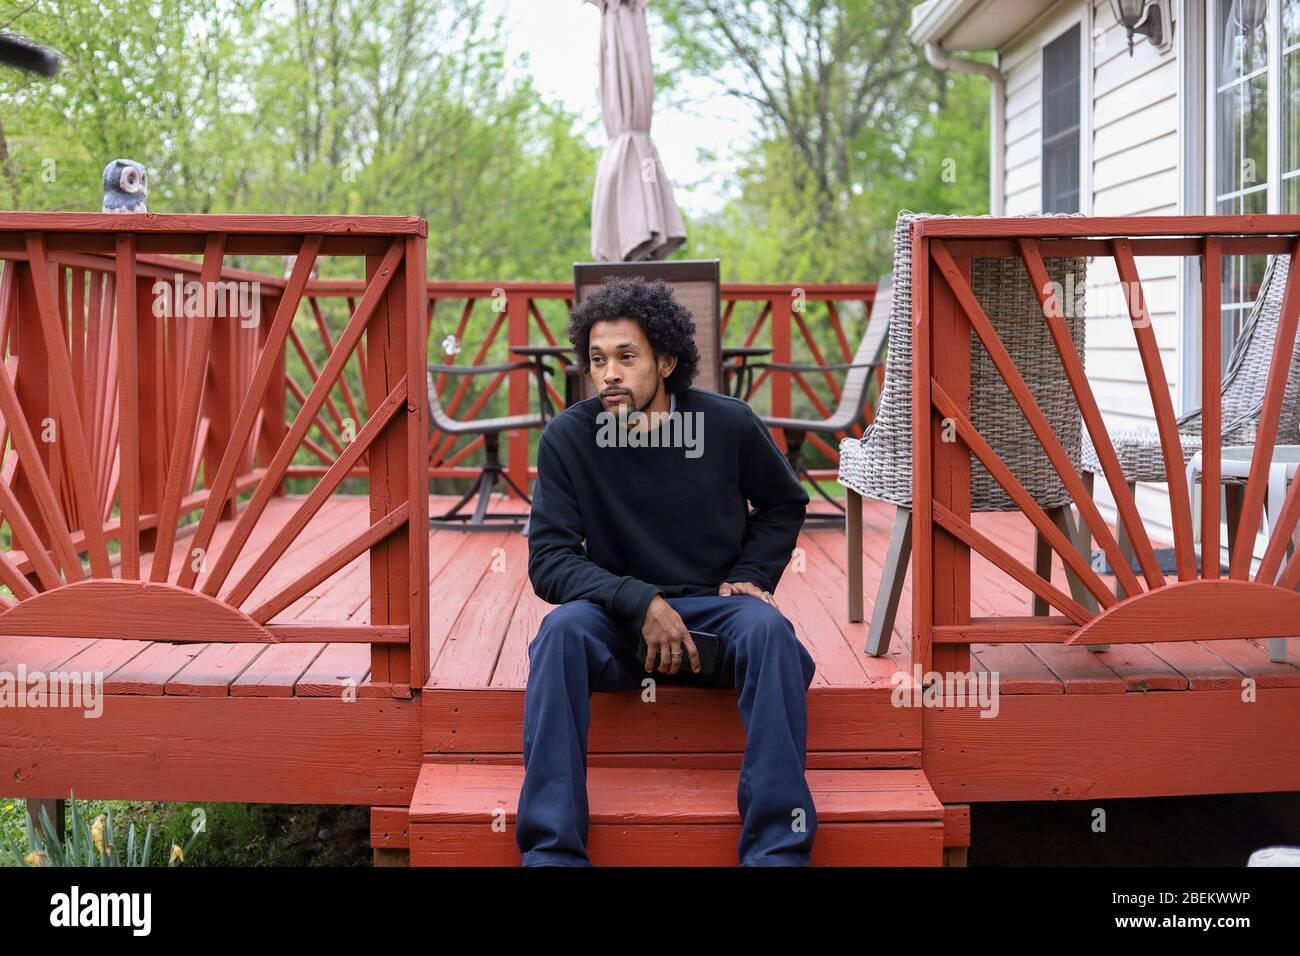 Ein Porträt eines afroamerikanischen Mannes auf seinem Handy im Freien und traurig Stockfoto